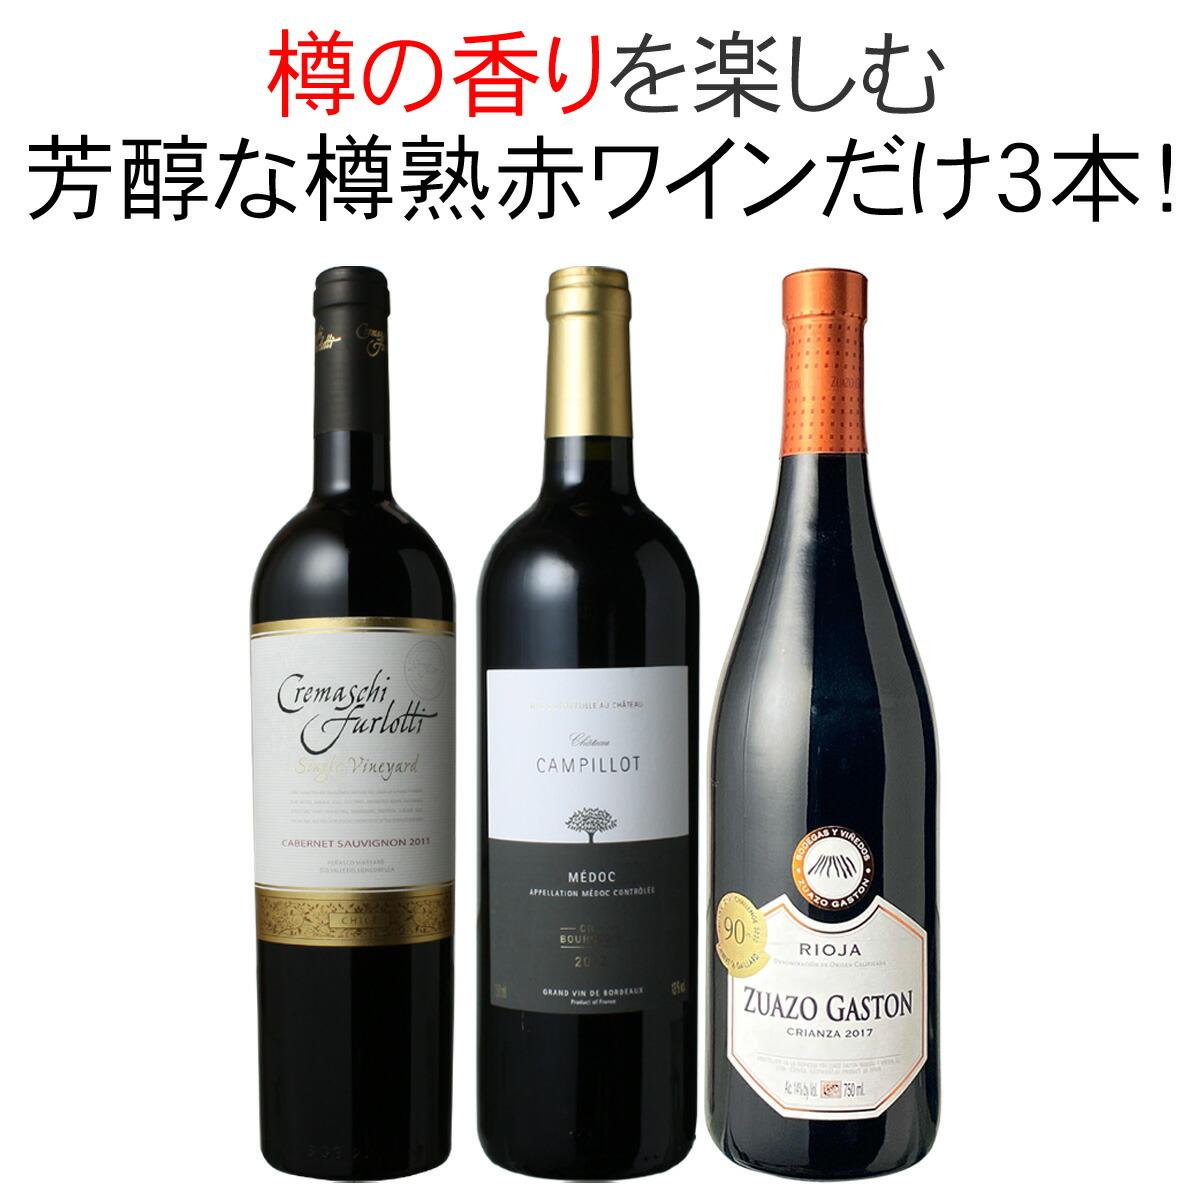 ワインセット 芳醇樽熟 ワイン 3本 セット 赤ワイン リオハ テンプラニーリョ ジンファンデル 家飲み 御祝 誕生日 ハロウィン ギフト プレゼント